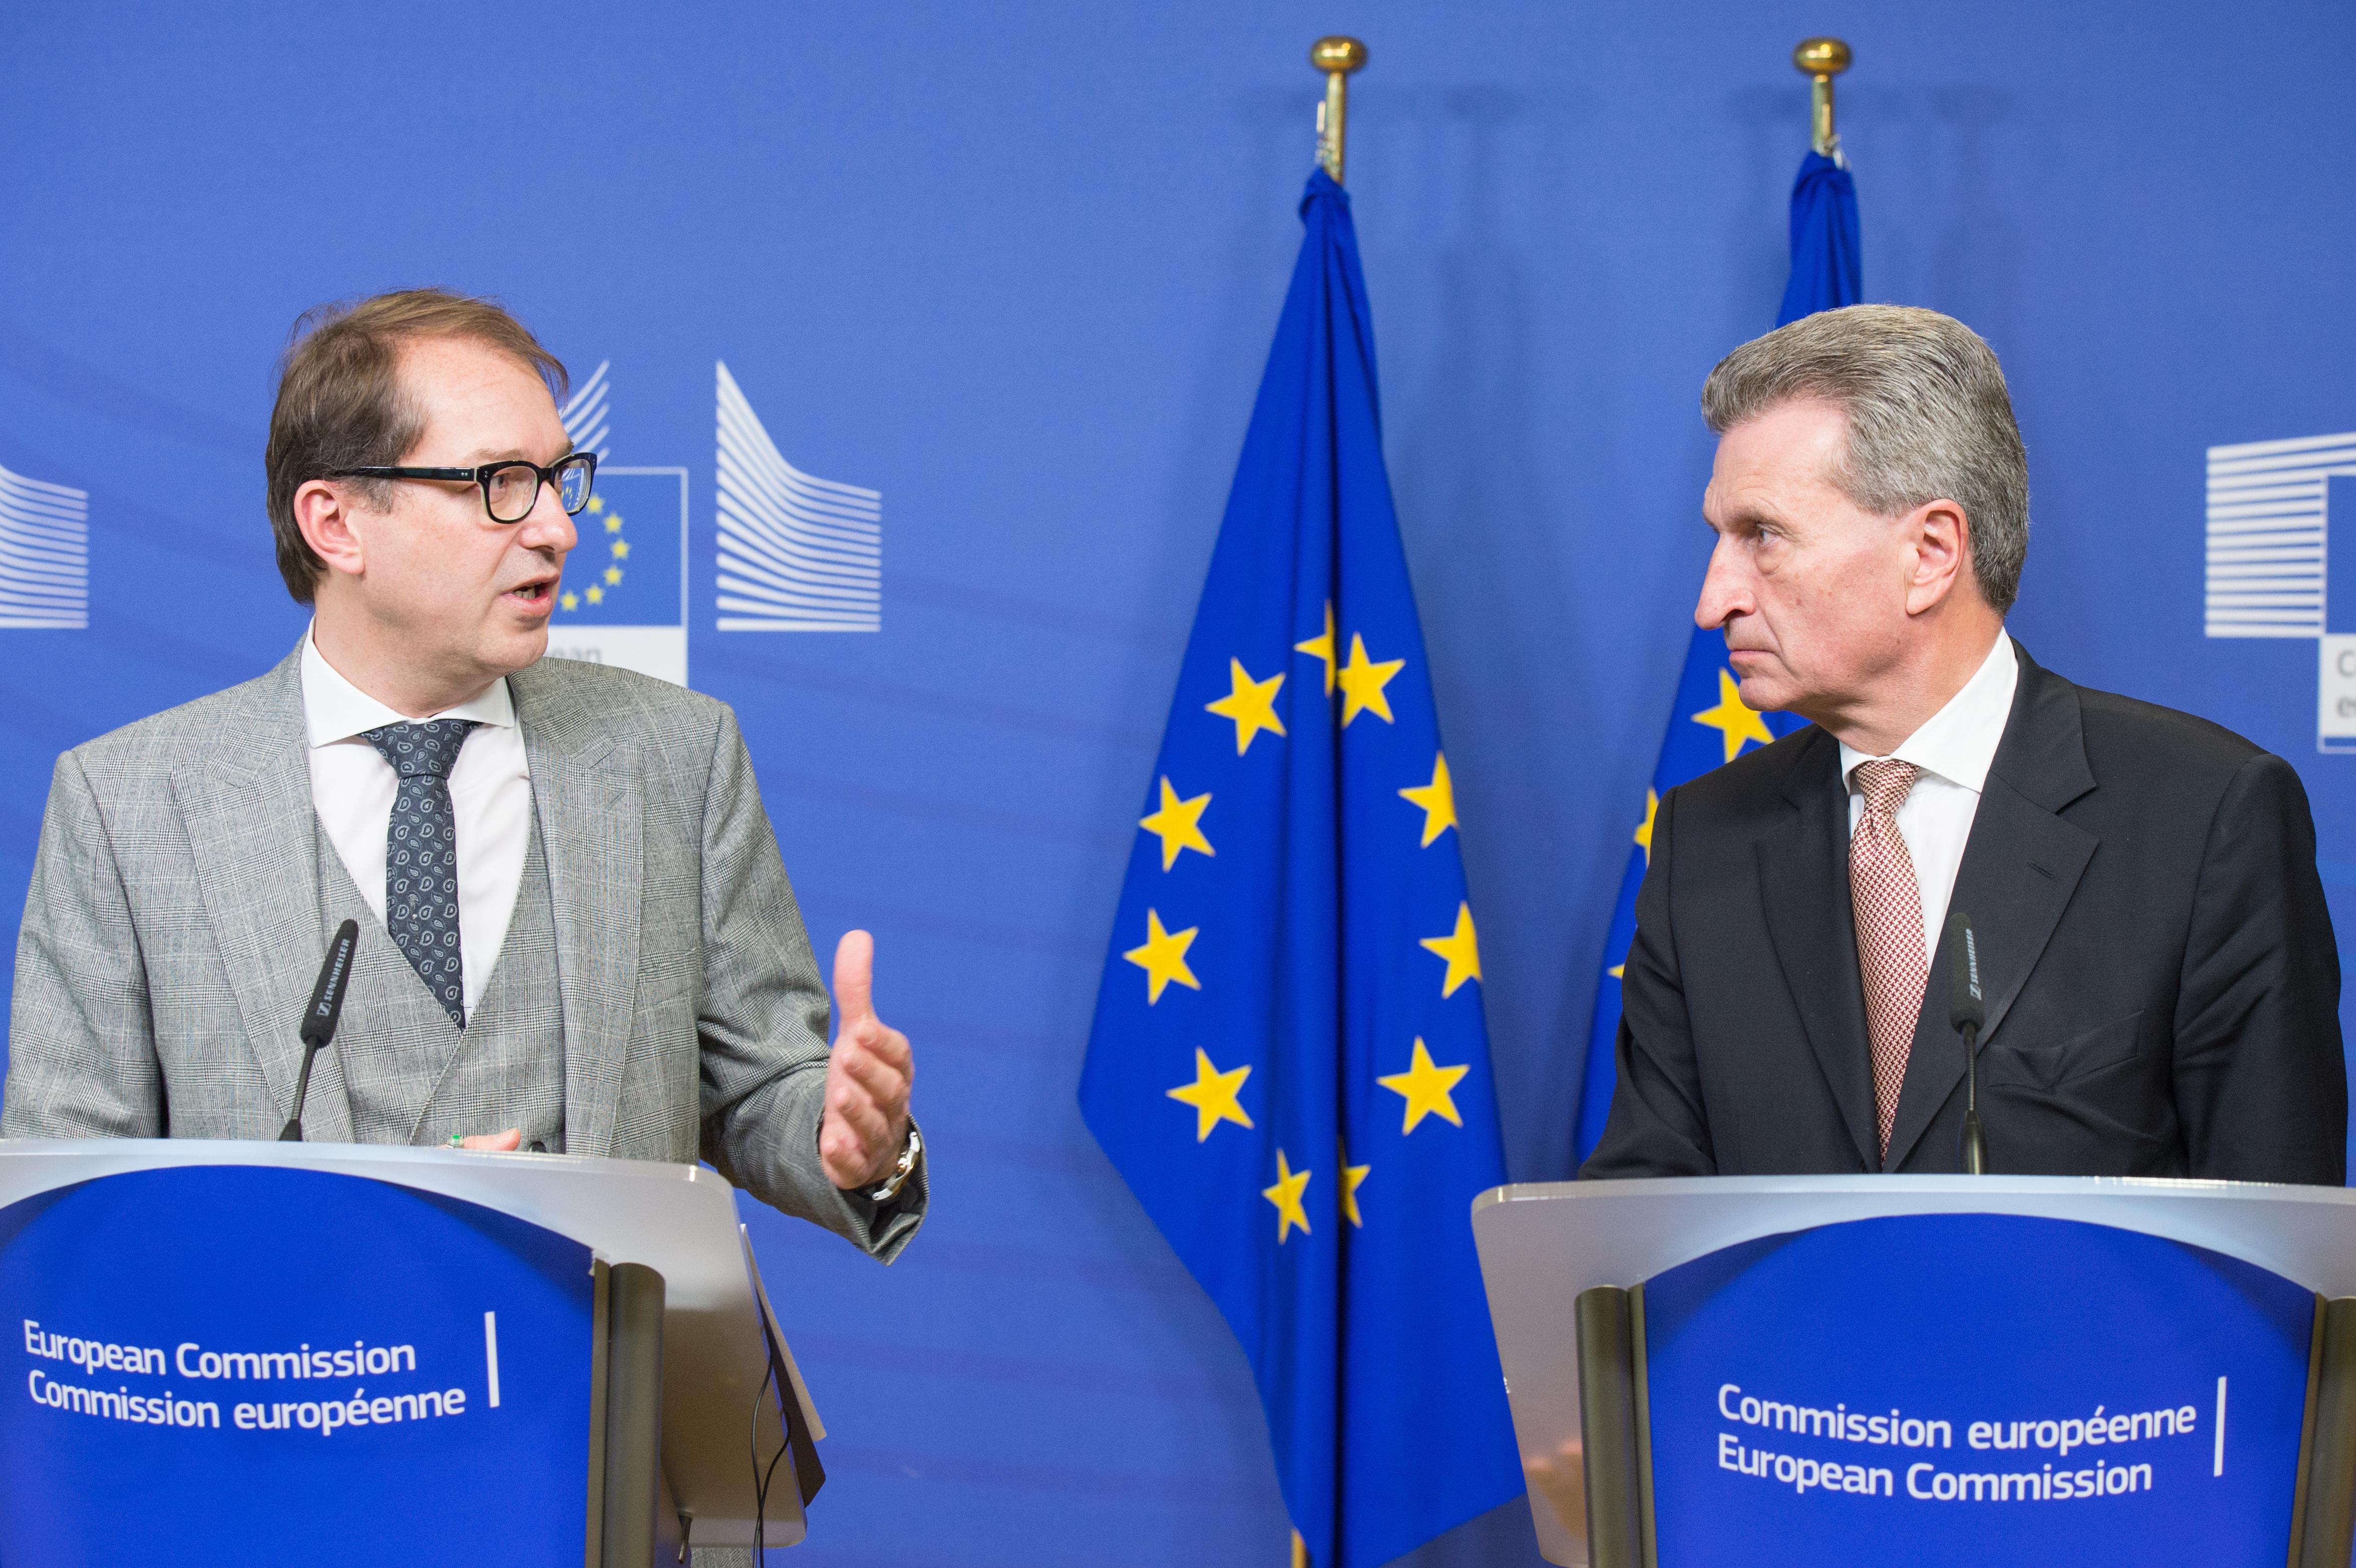 German Transport Minister Alexander Dobrindt and EU Digital Commissioner Günther Oettinger